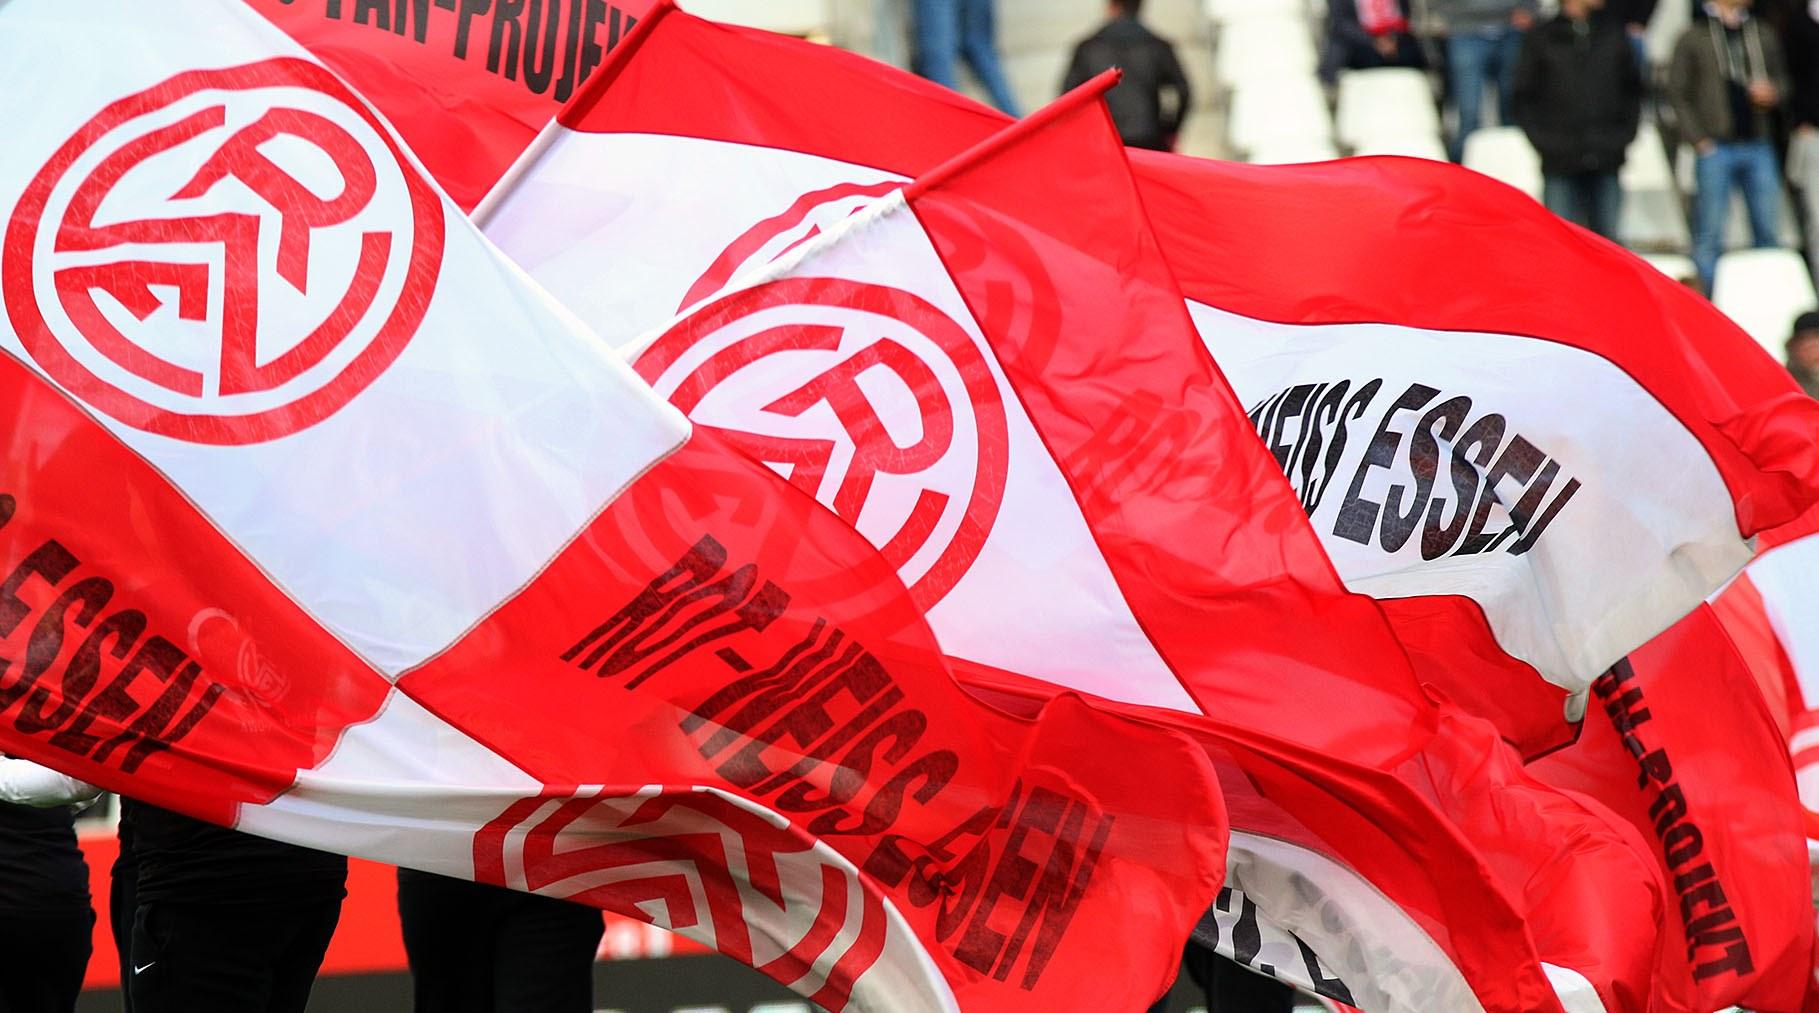 Zur nächsten Saison meldet Rot-Weiss Essen eine zusätzliche Mannschaft im Seniorenbereich. (Foto: Gohl)